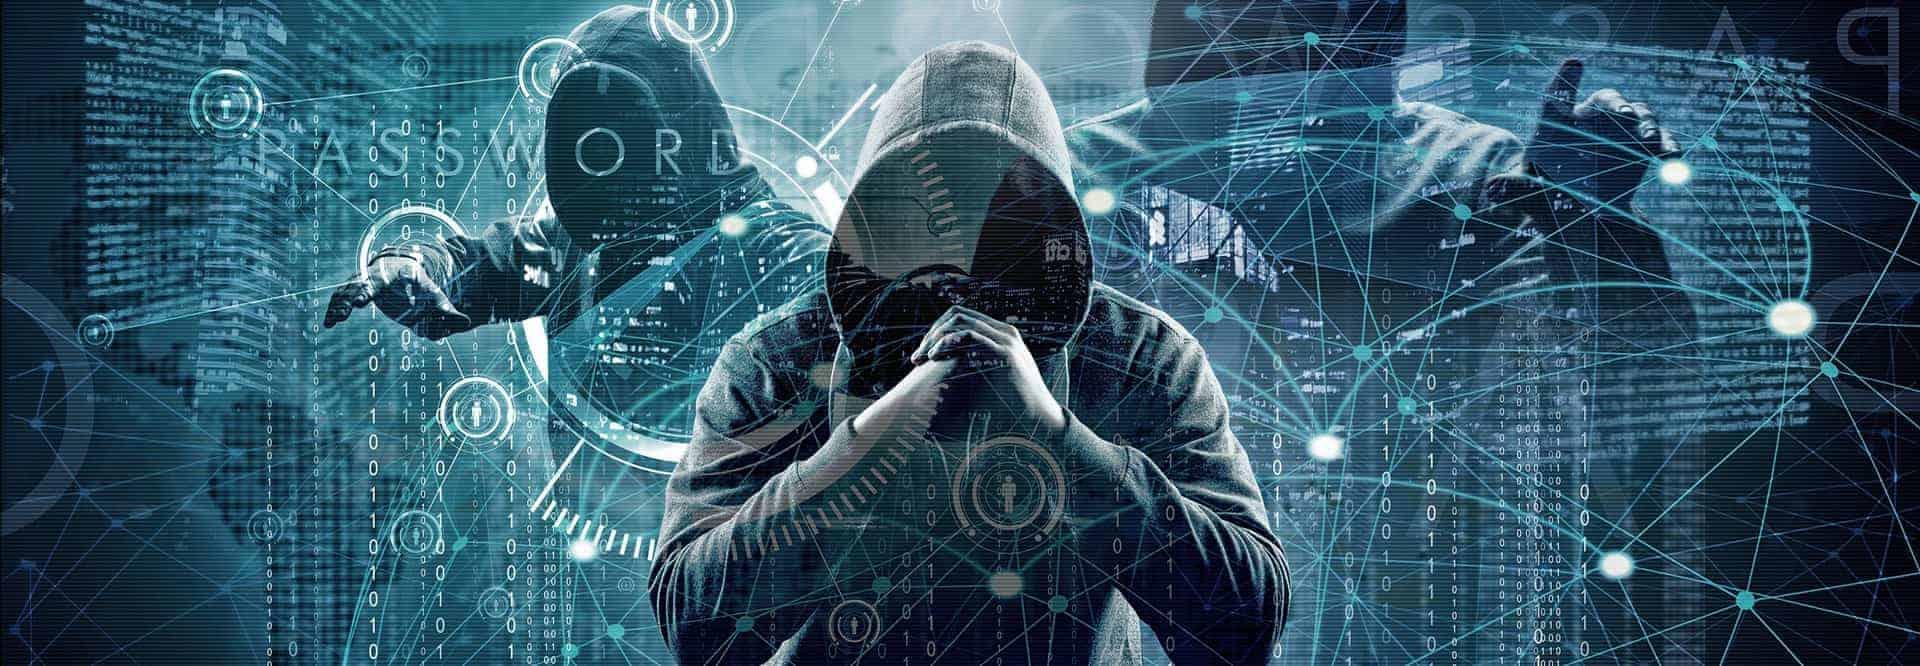 Titelbild IT-Security und Netzwerksicherheit, zwei Männer mit Kapuzenpullover